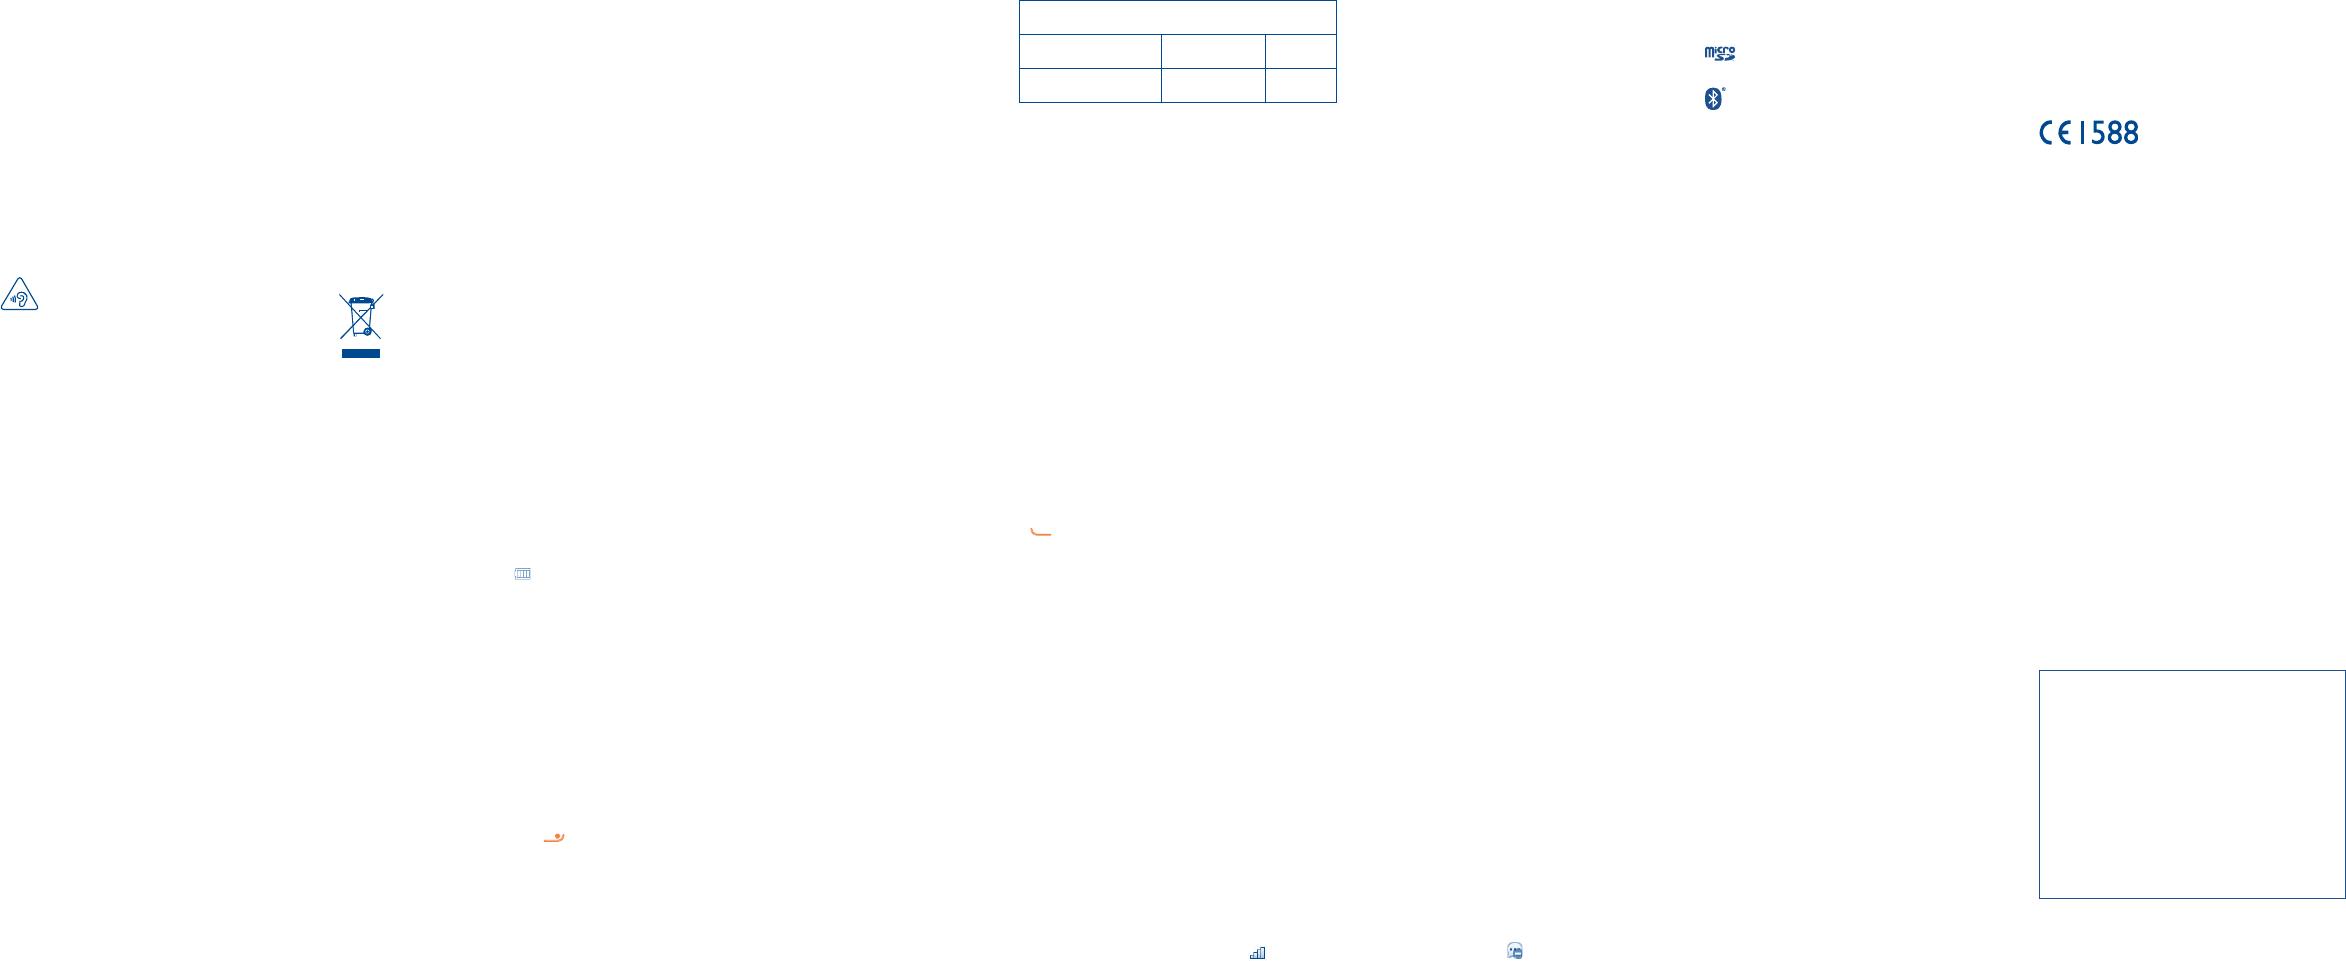 Handleiding Alcatel 2051d Pagina 1 Van 2 Nederlands 19